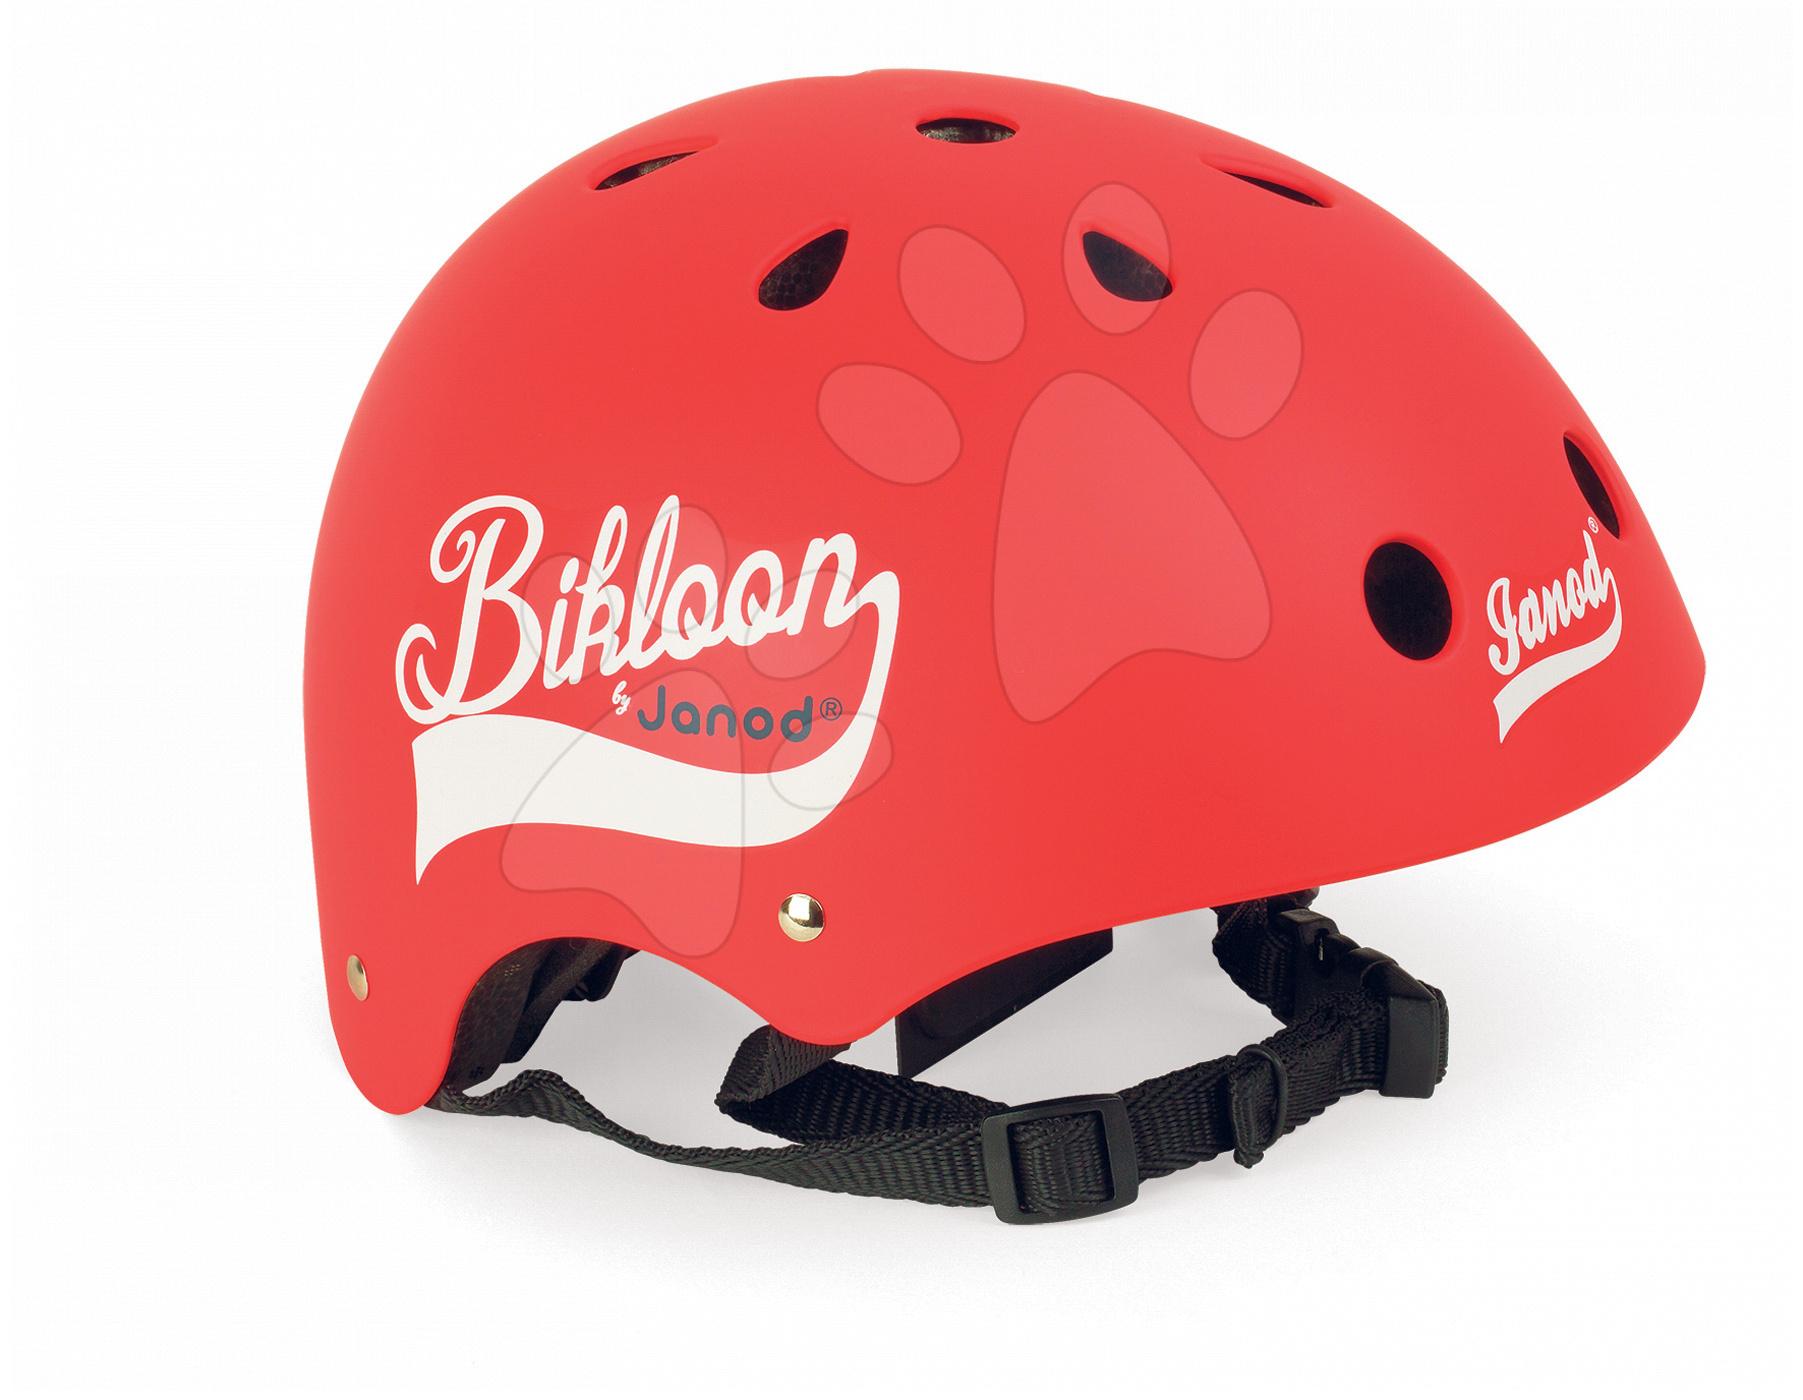 Cyklistická přilba Bikloon Red Janod s ventilací velikost 47-54 červená